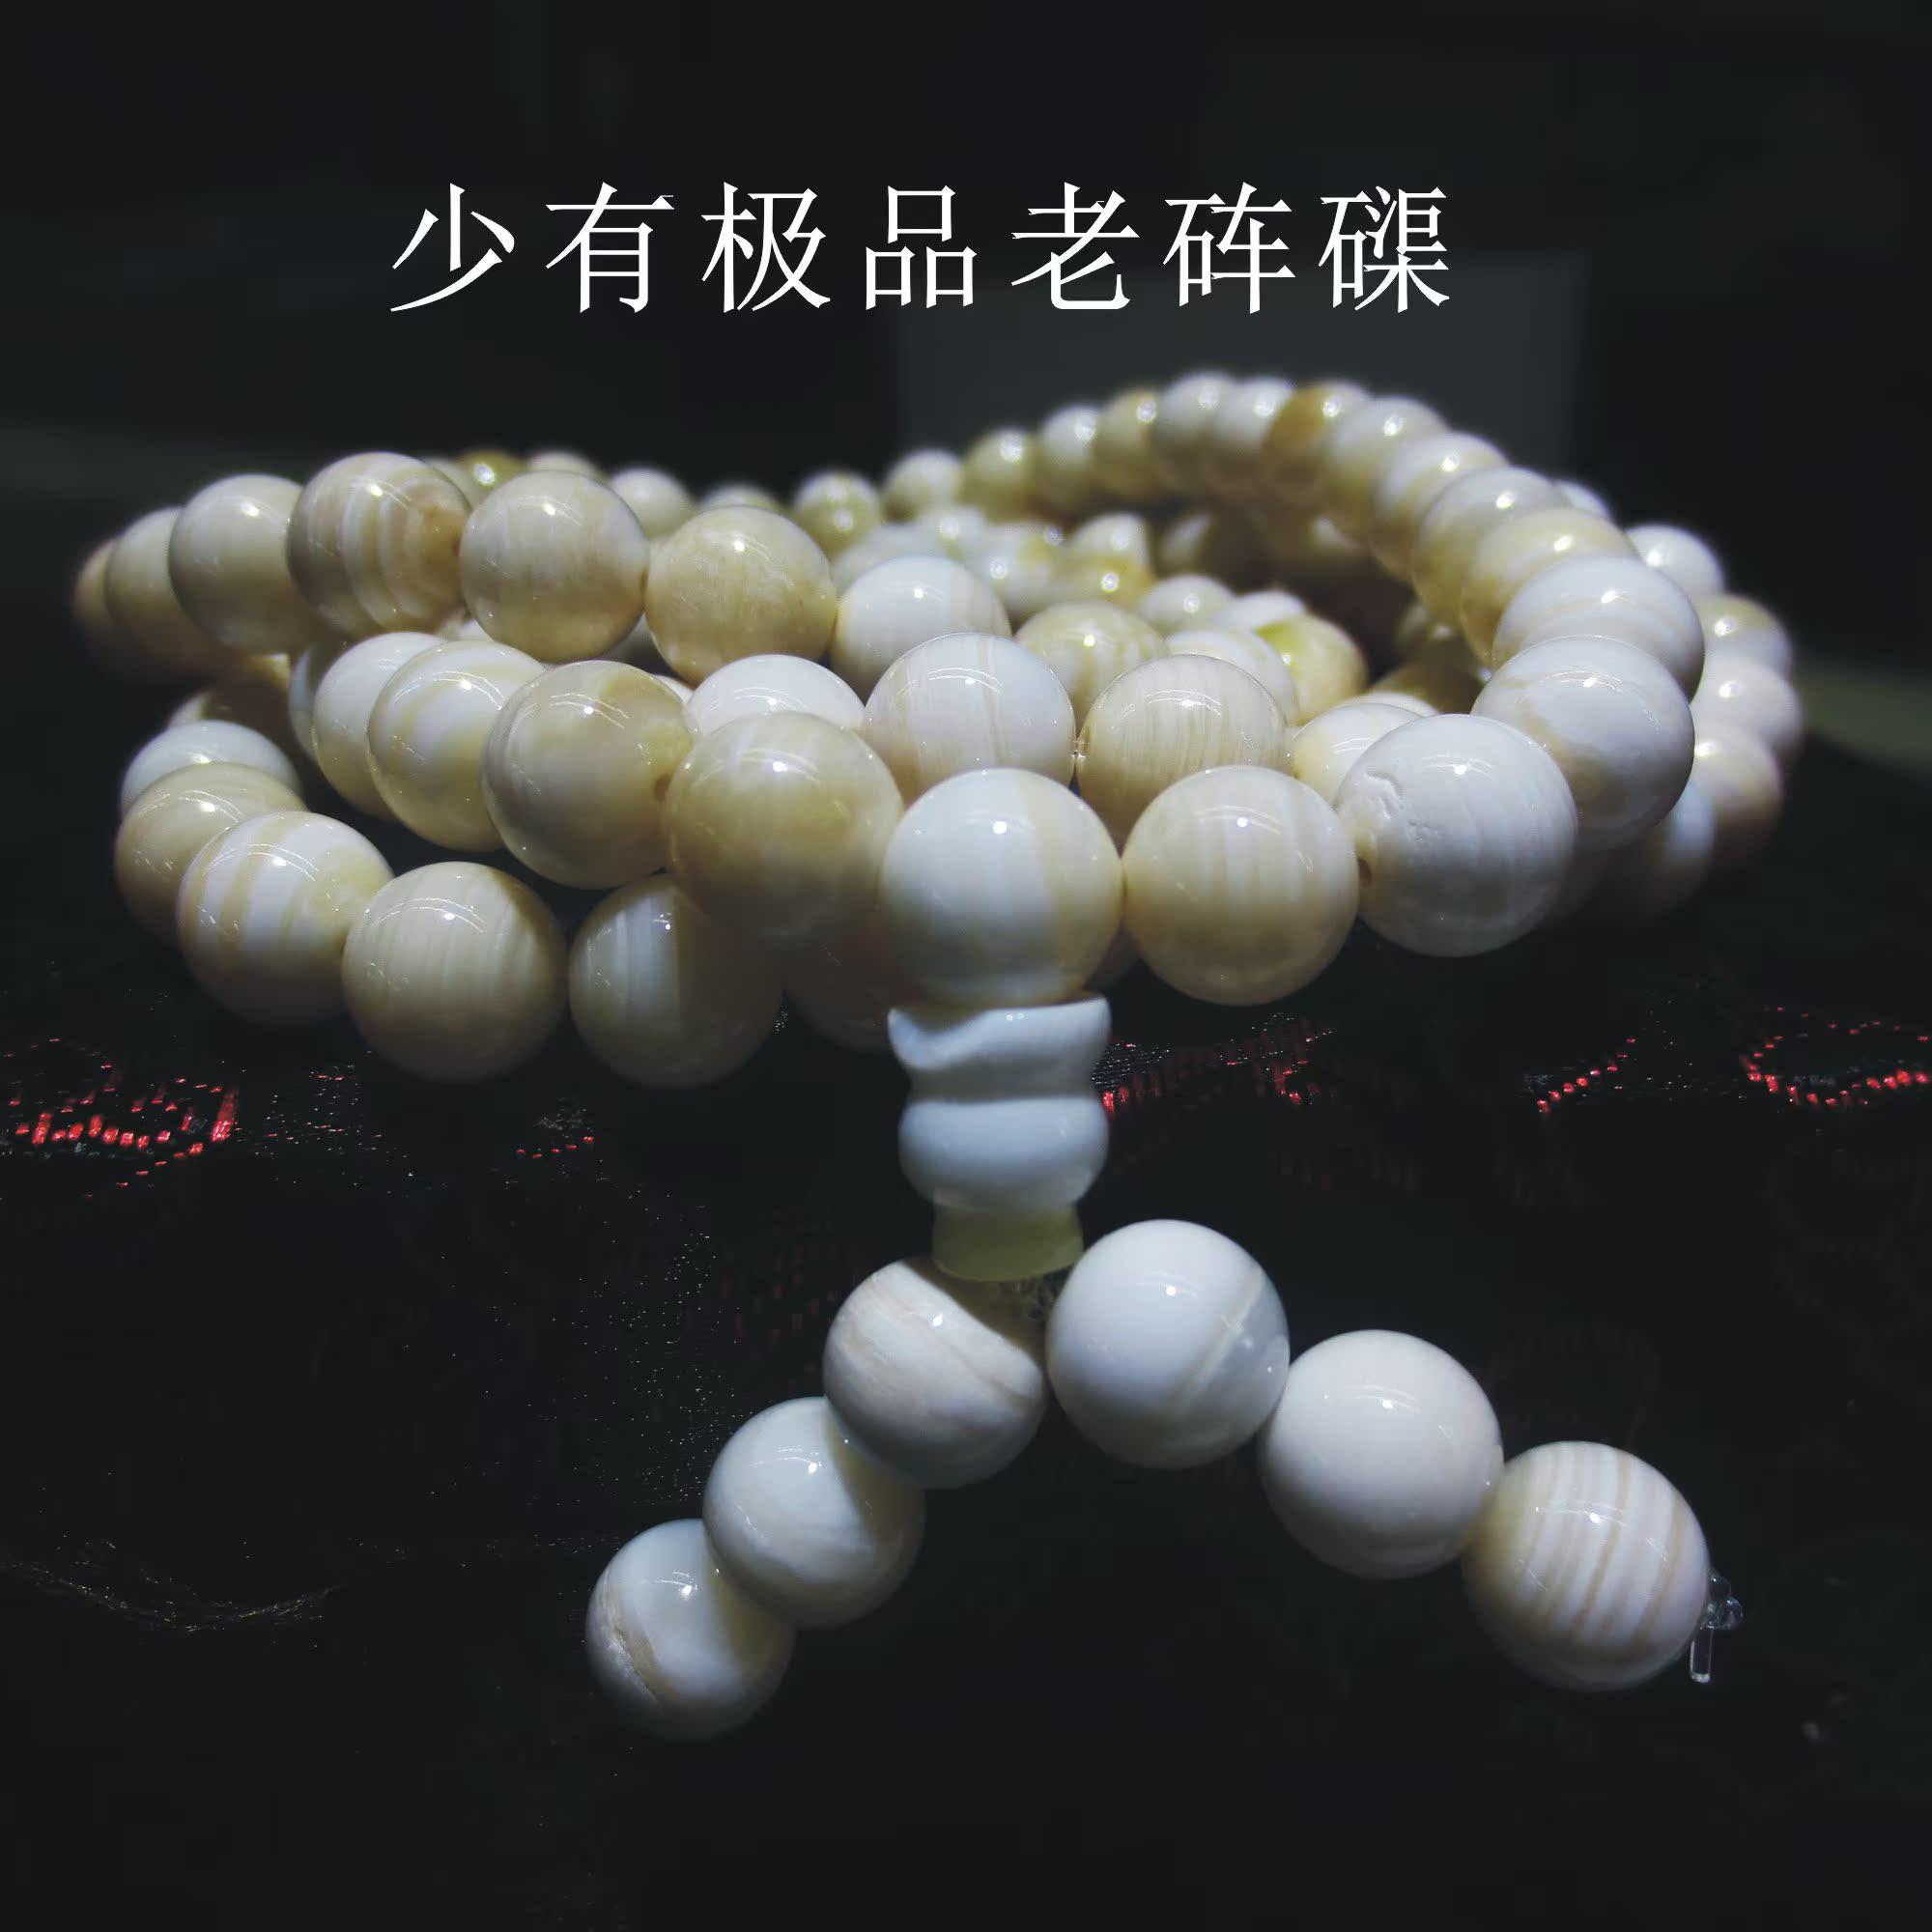 极品纯天然老砗磲手链108颗白砗磲佛珠108颗手串手工水晶饰品批发